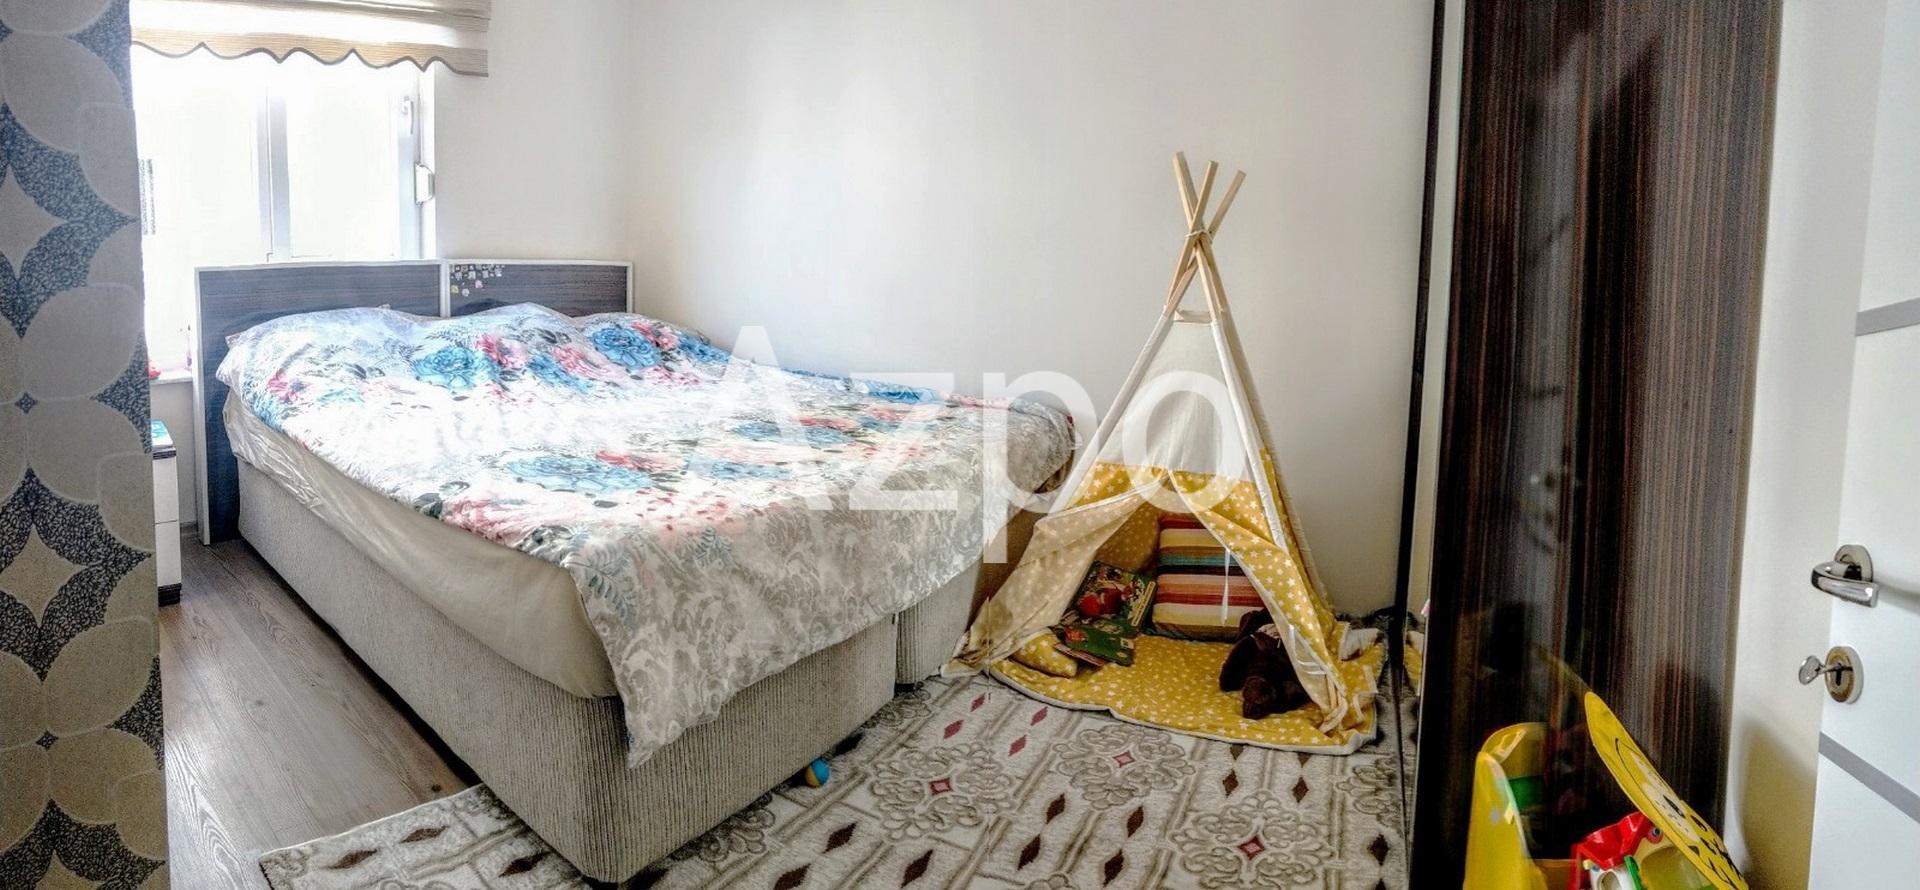 Квартира 2+1 с мебелью в 5 минутах ходьбы от моря - Фото 18